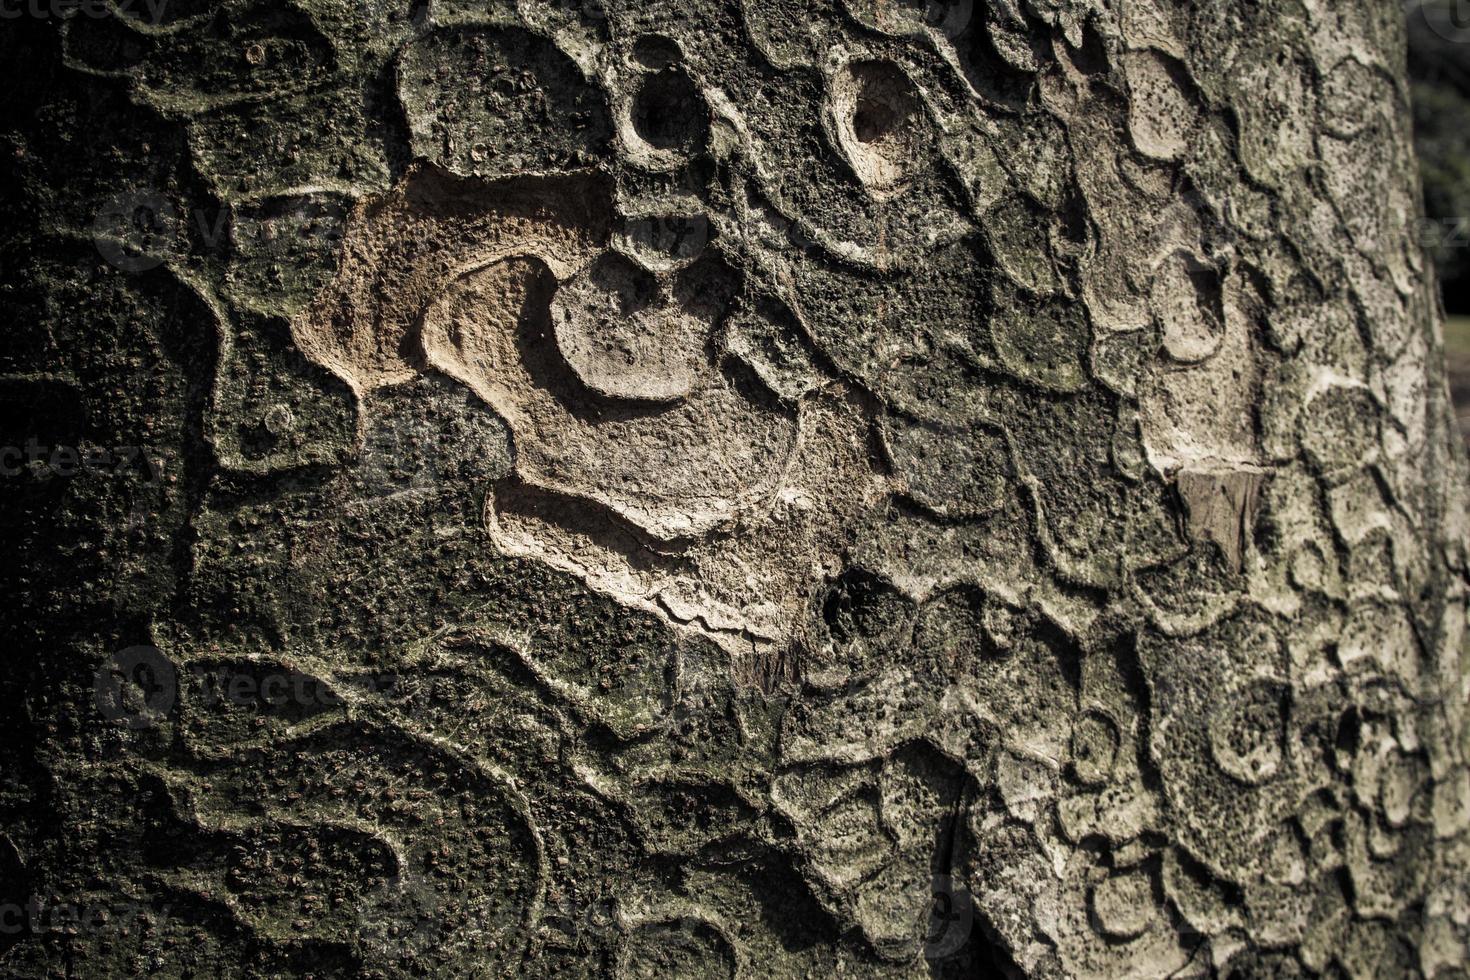 primer plano de corteza de árbol foto